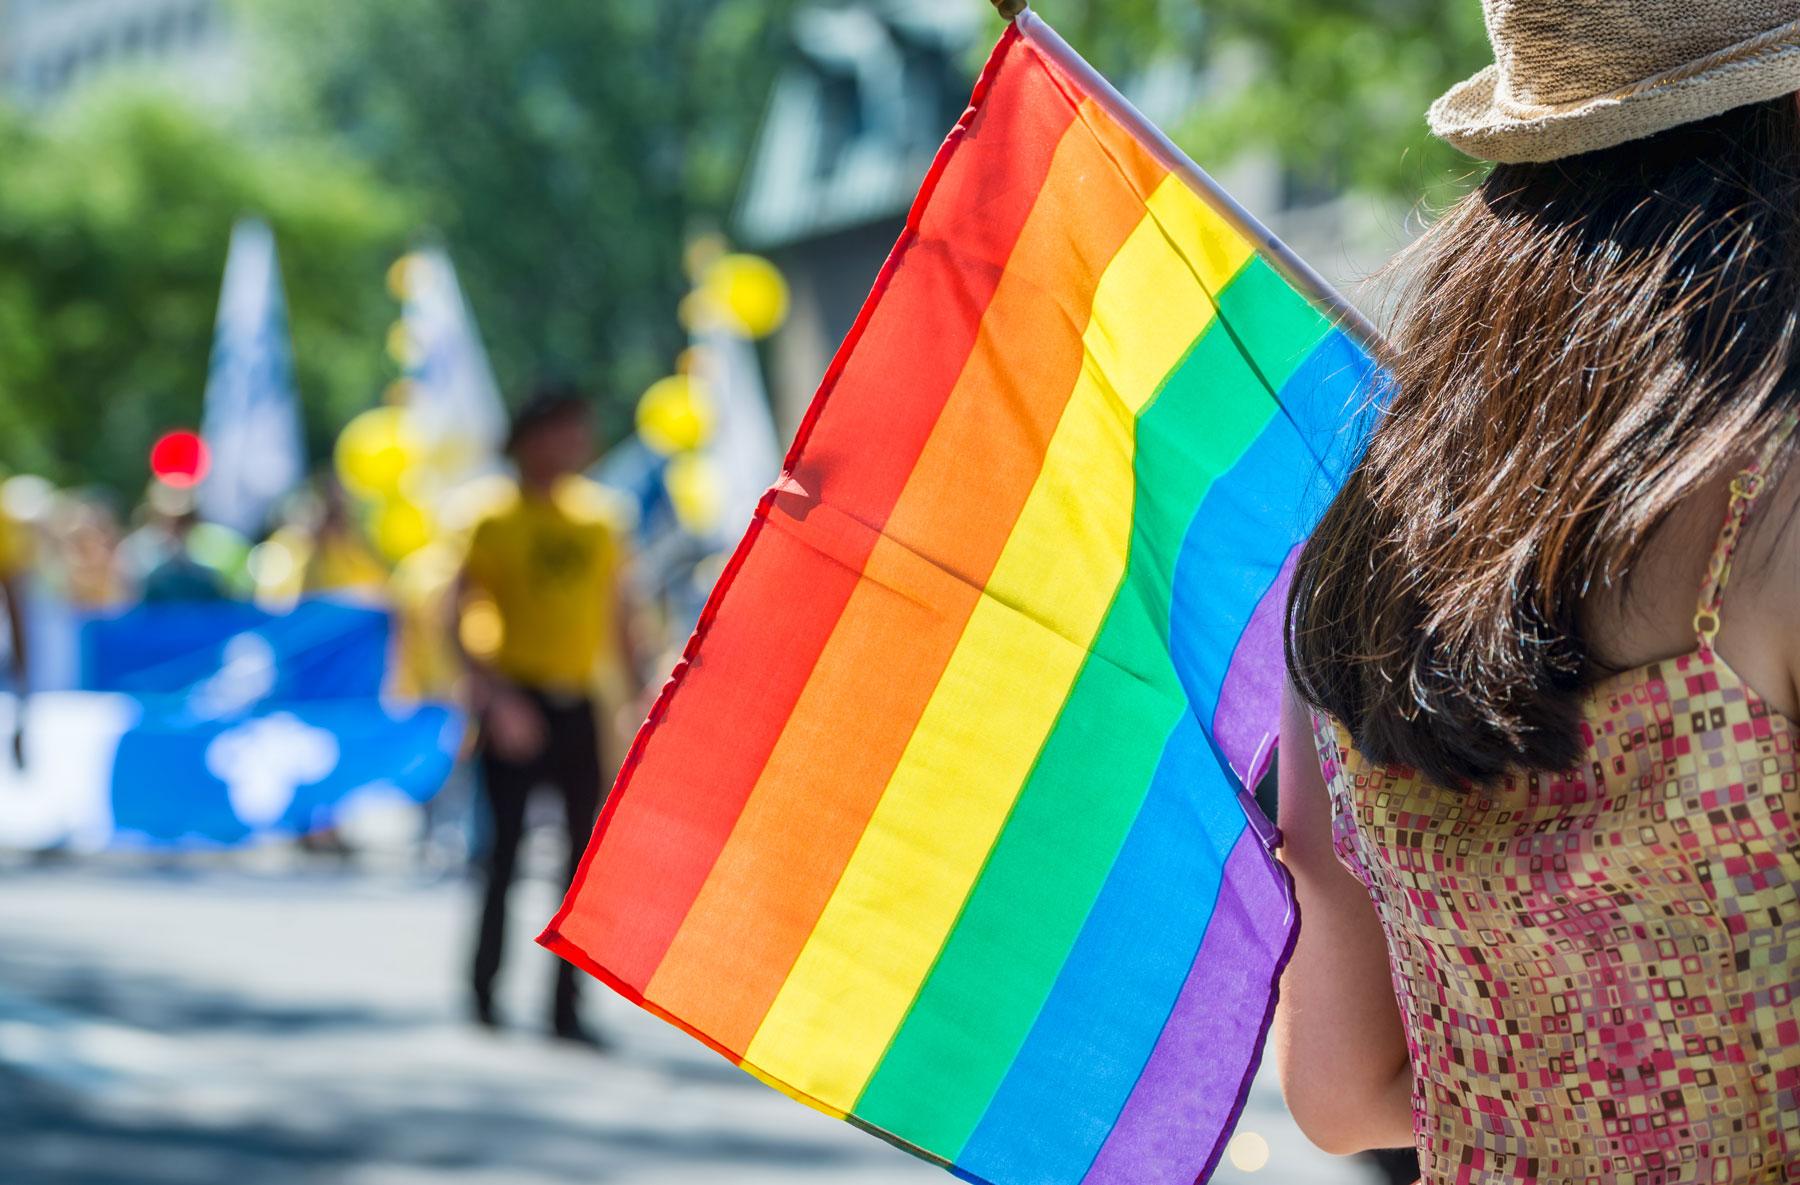 Le MR et ses partenaires européens s'engagent pour les droits des personnes LGBTI